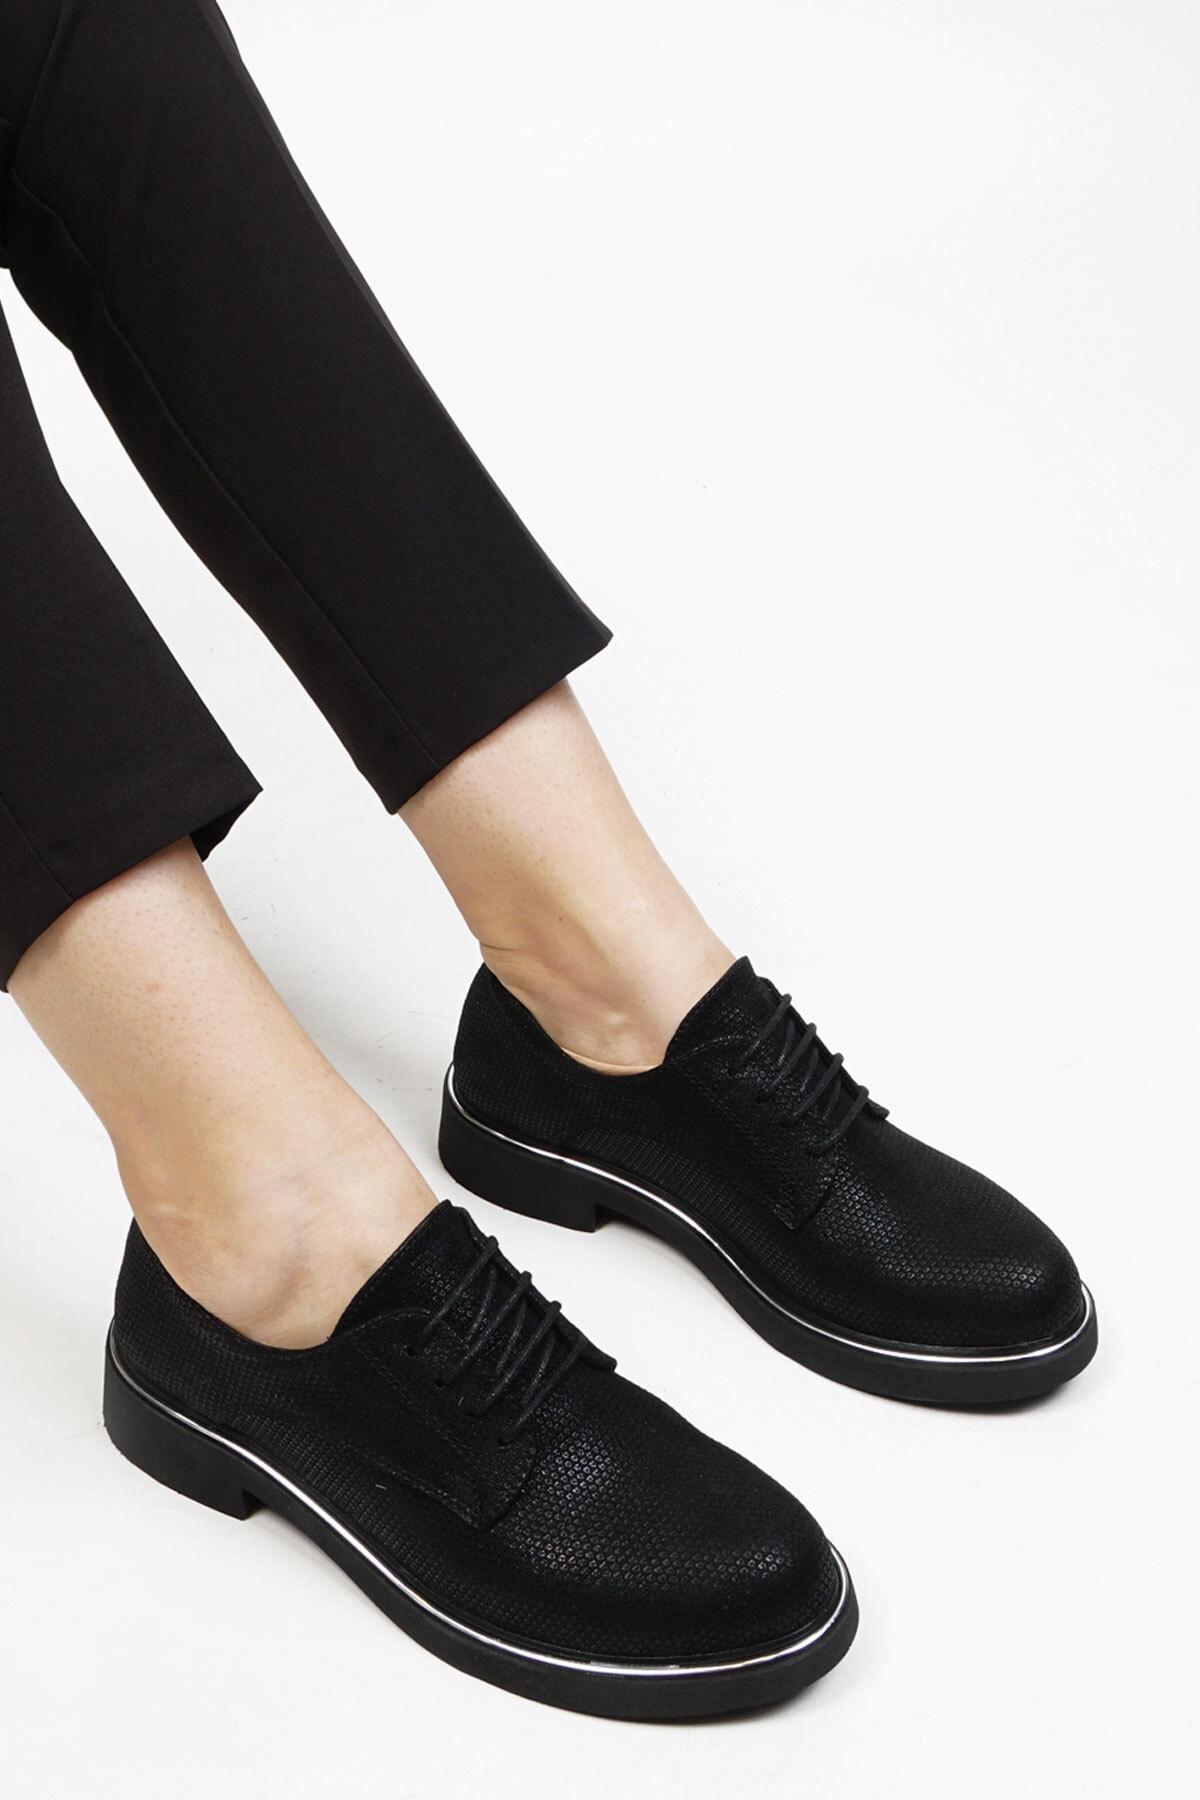 Marjin Kadın Siyah Petek Oxford Ayakkabı Terva